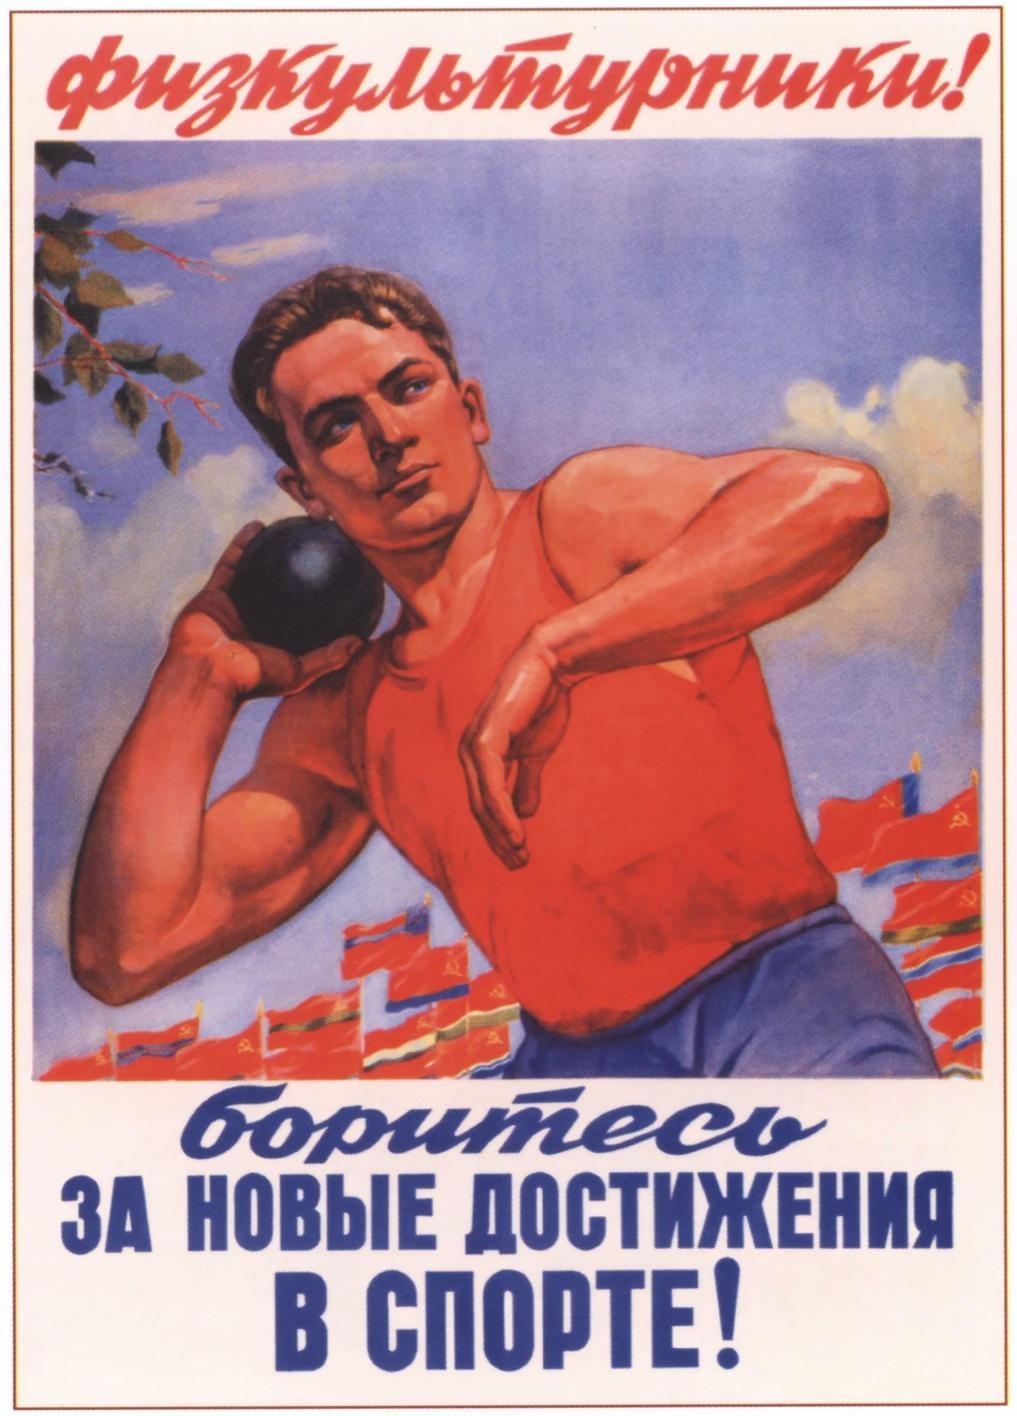 Прикольные открытки на день физической культуры и спорта 13